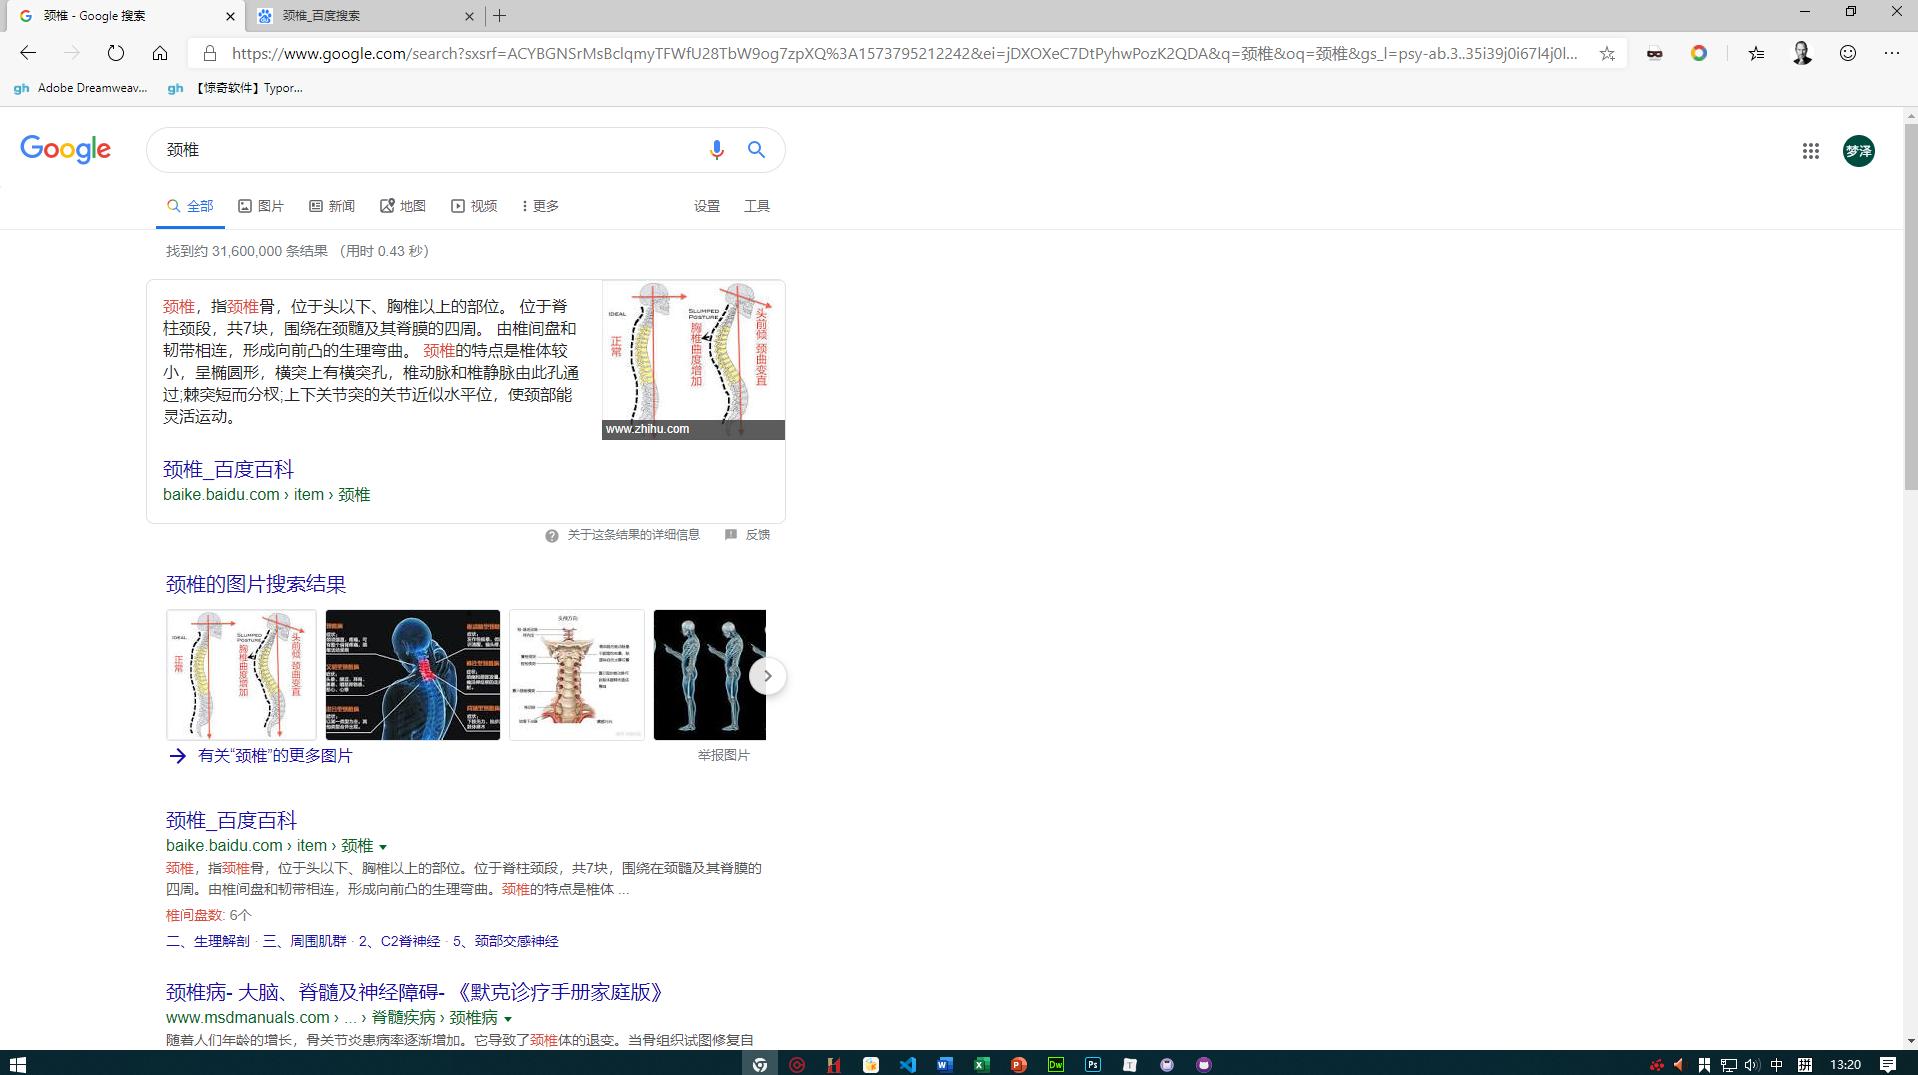 jingzhui-Google